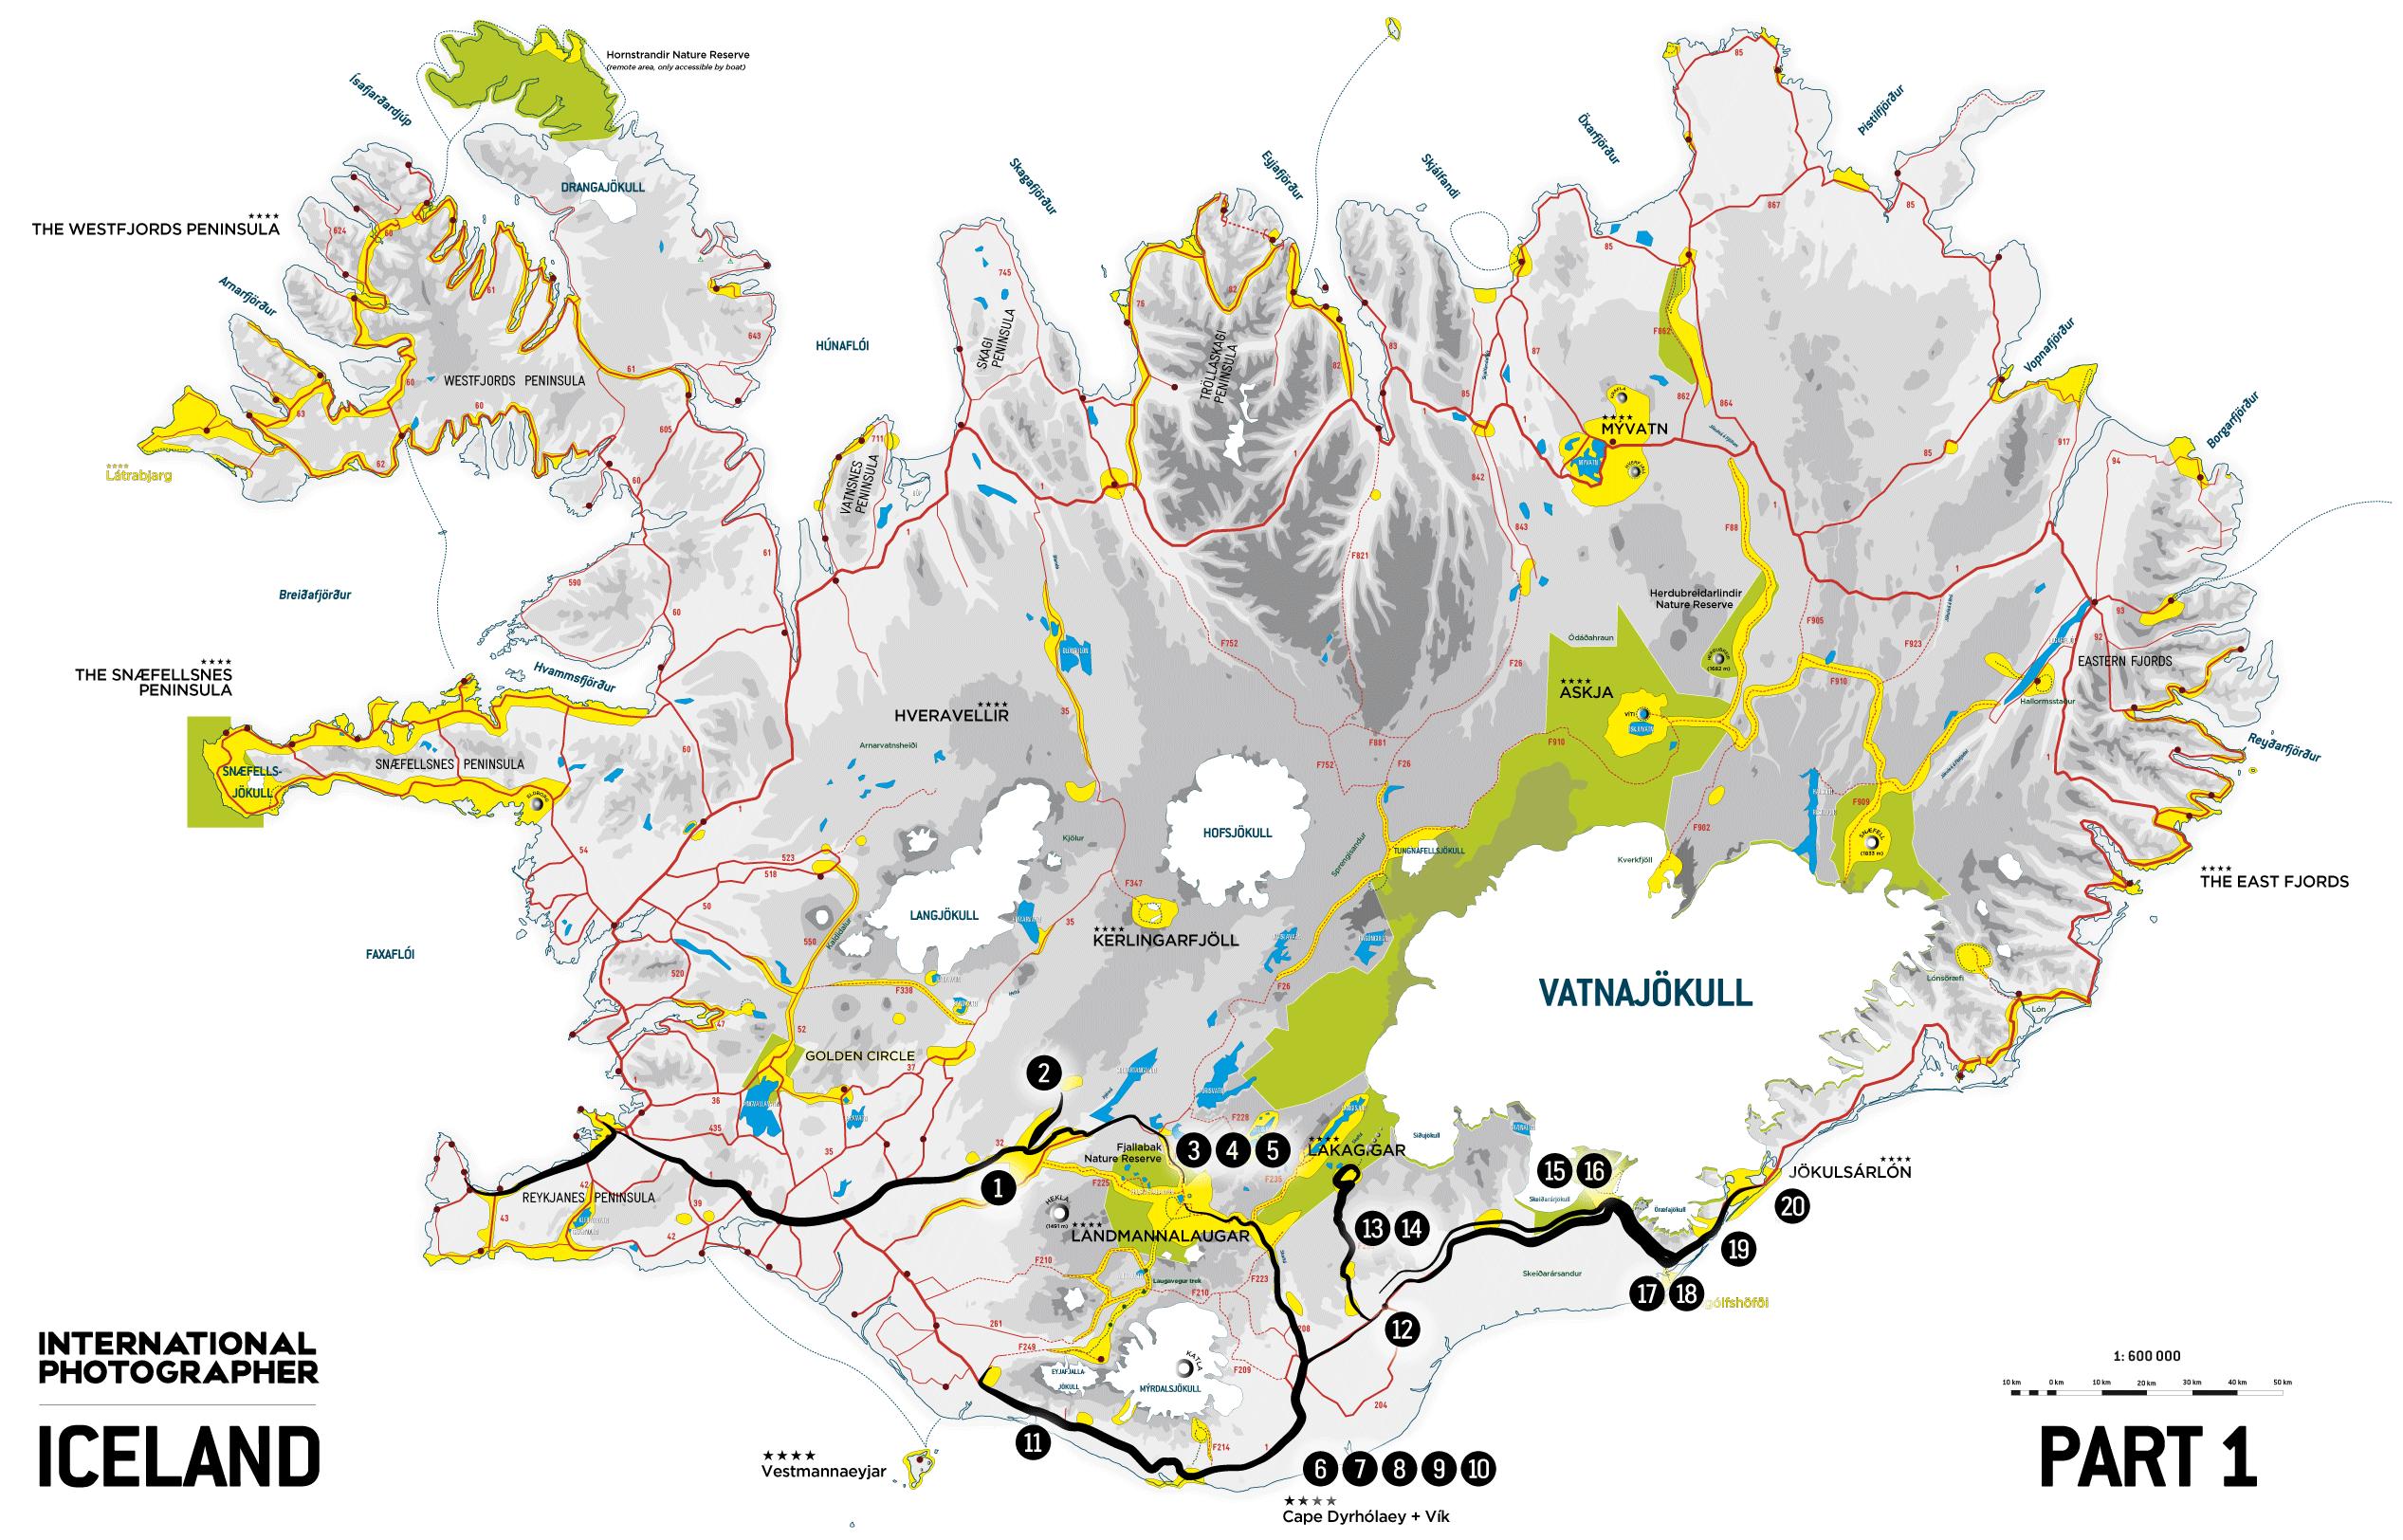 Carte d'Islande partie 1 du récit de voyage 2009